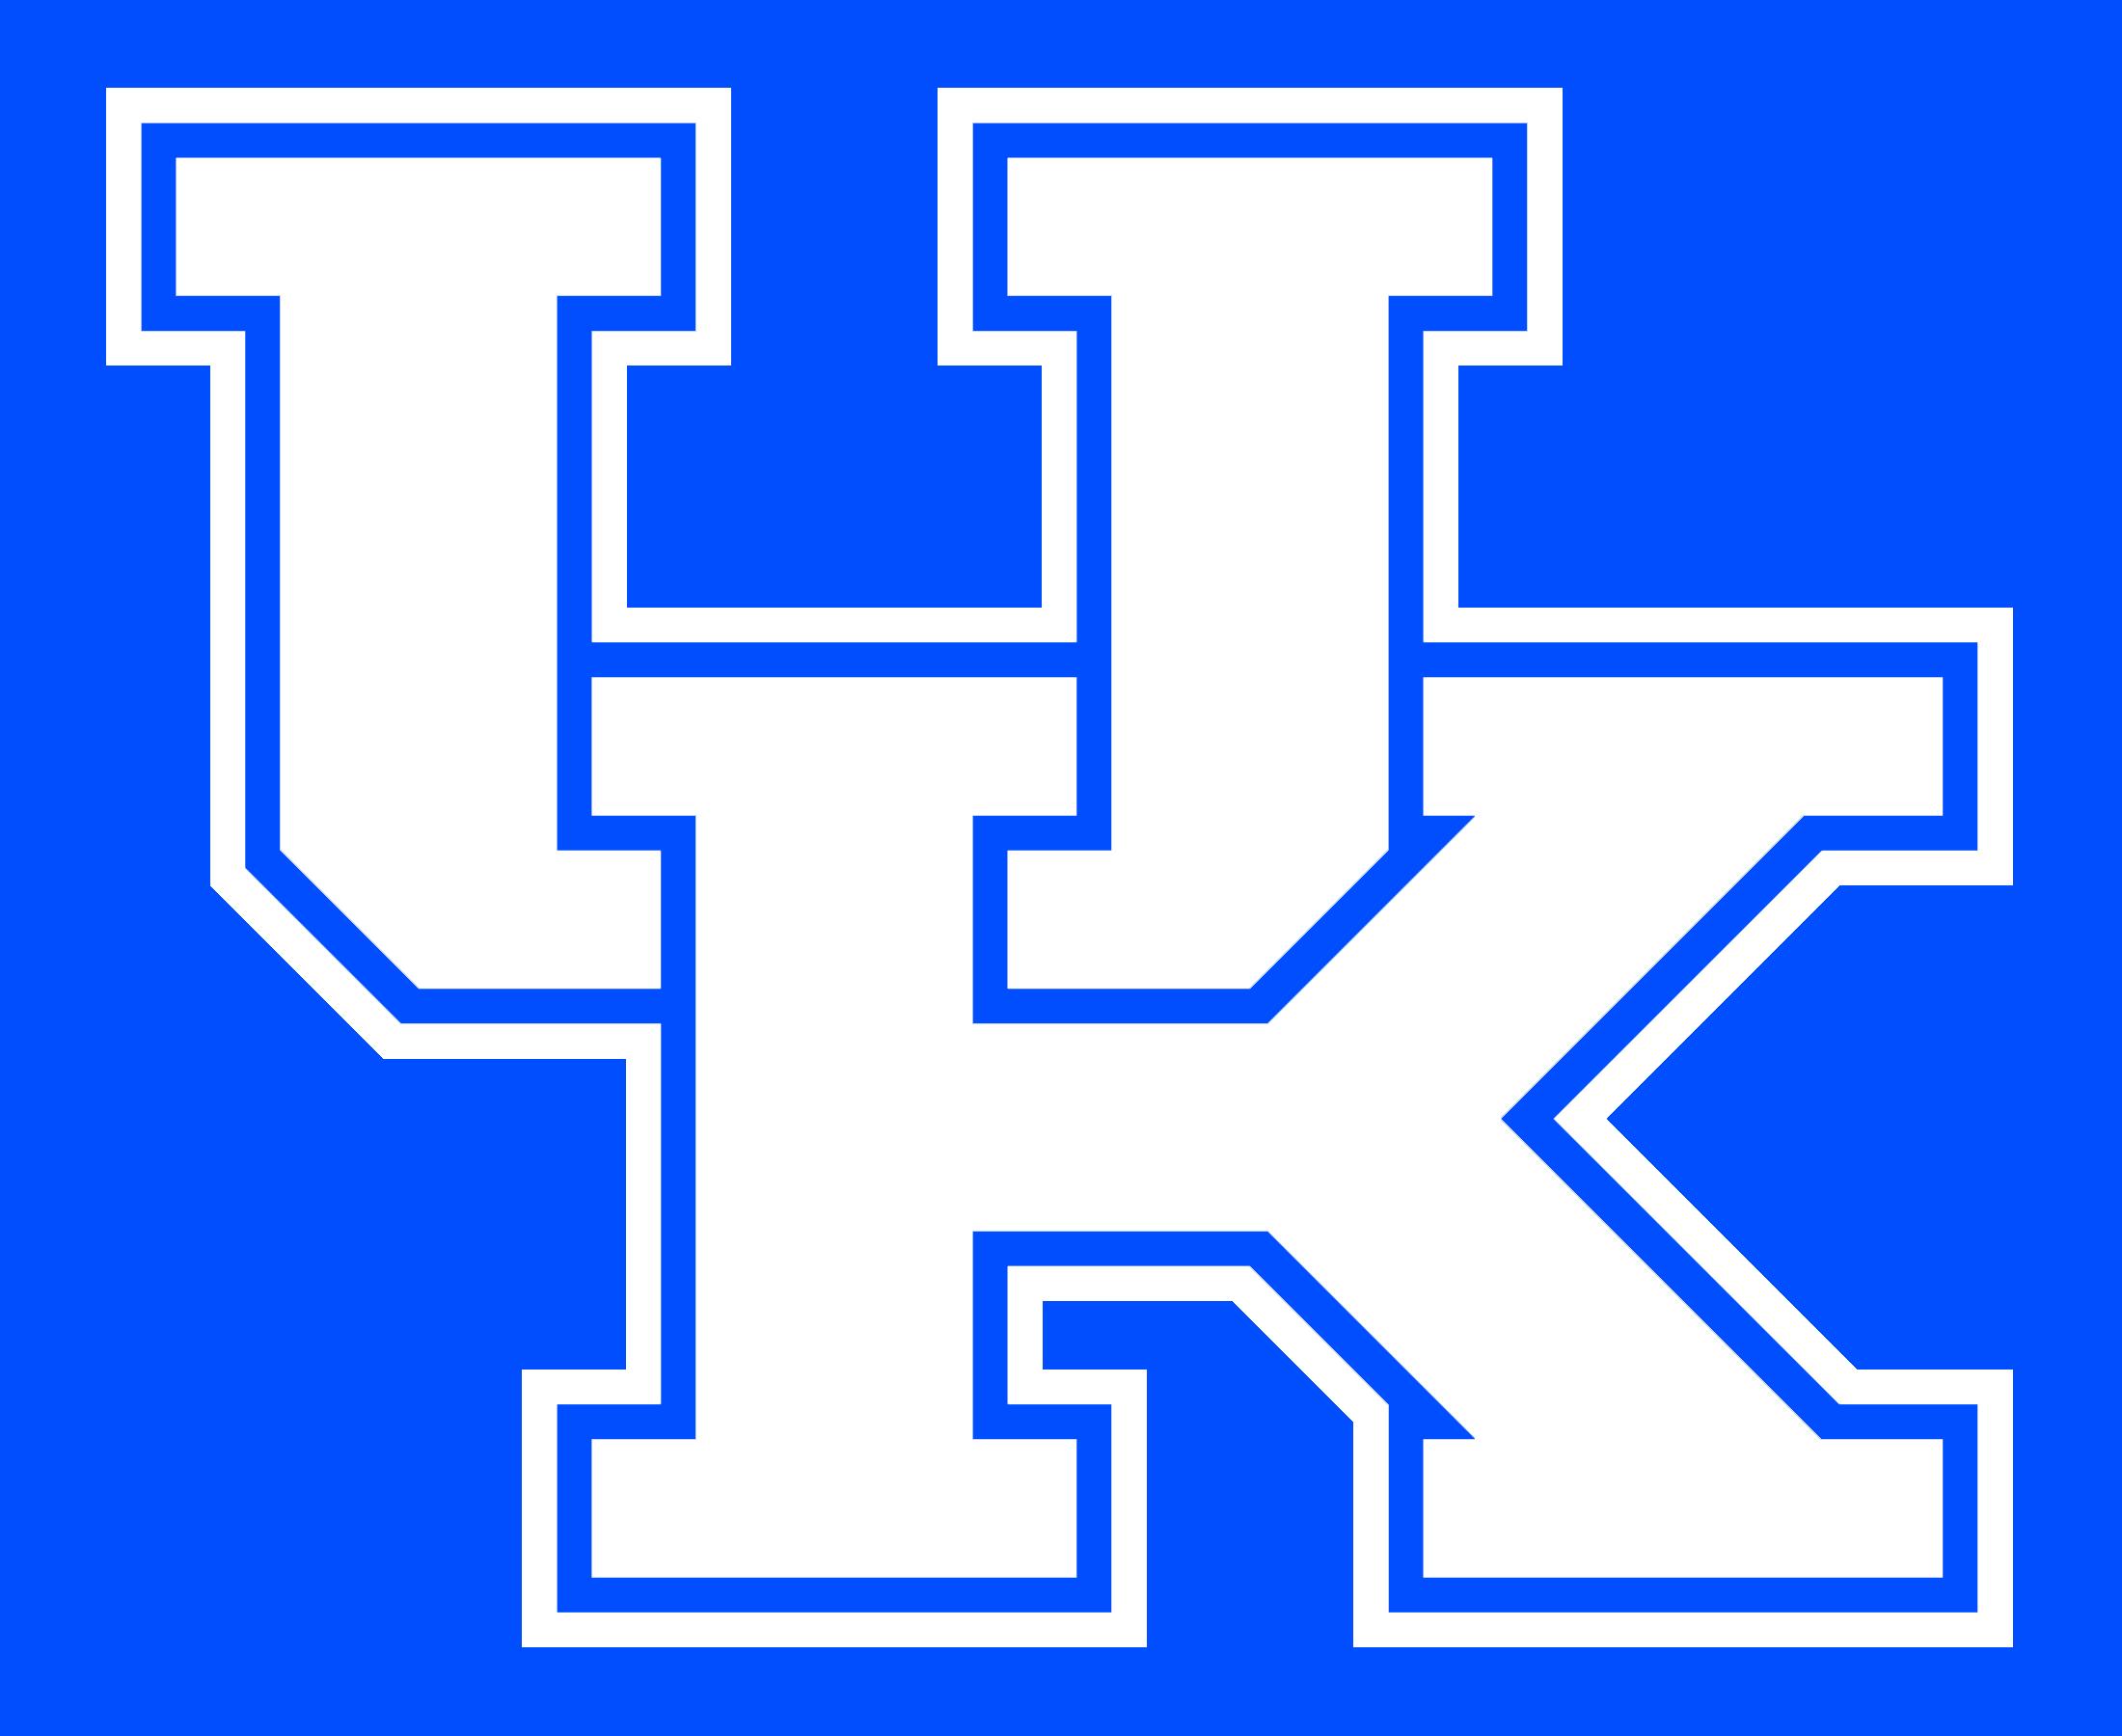 Kentucky Wildcats logo and symbol.